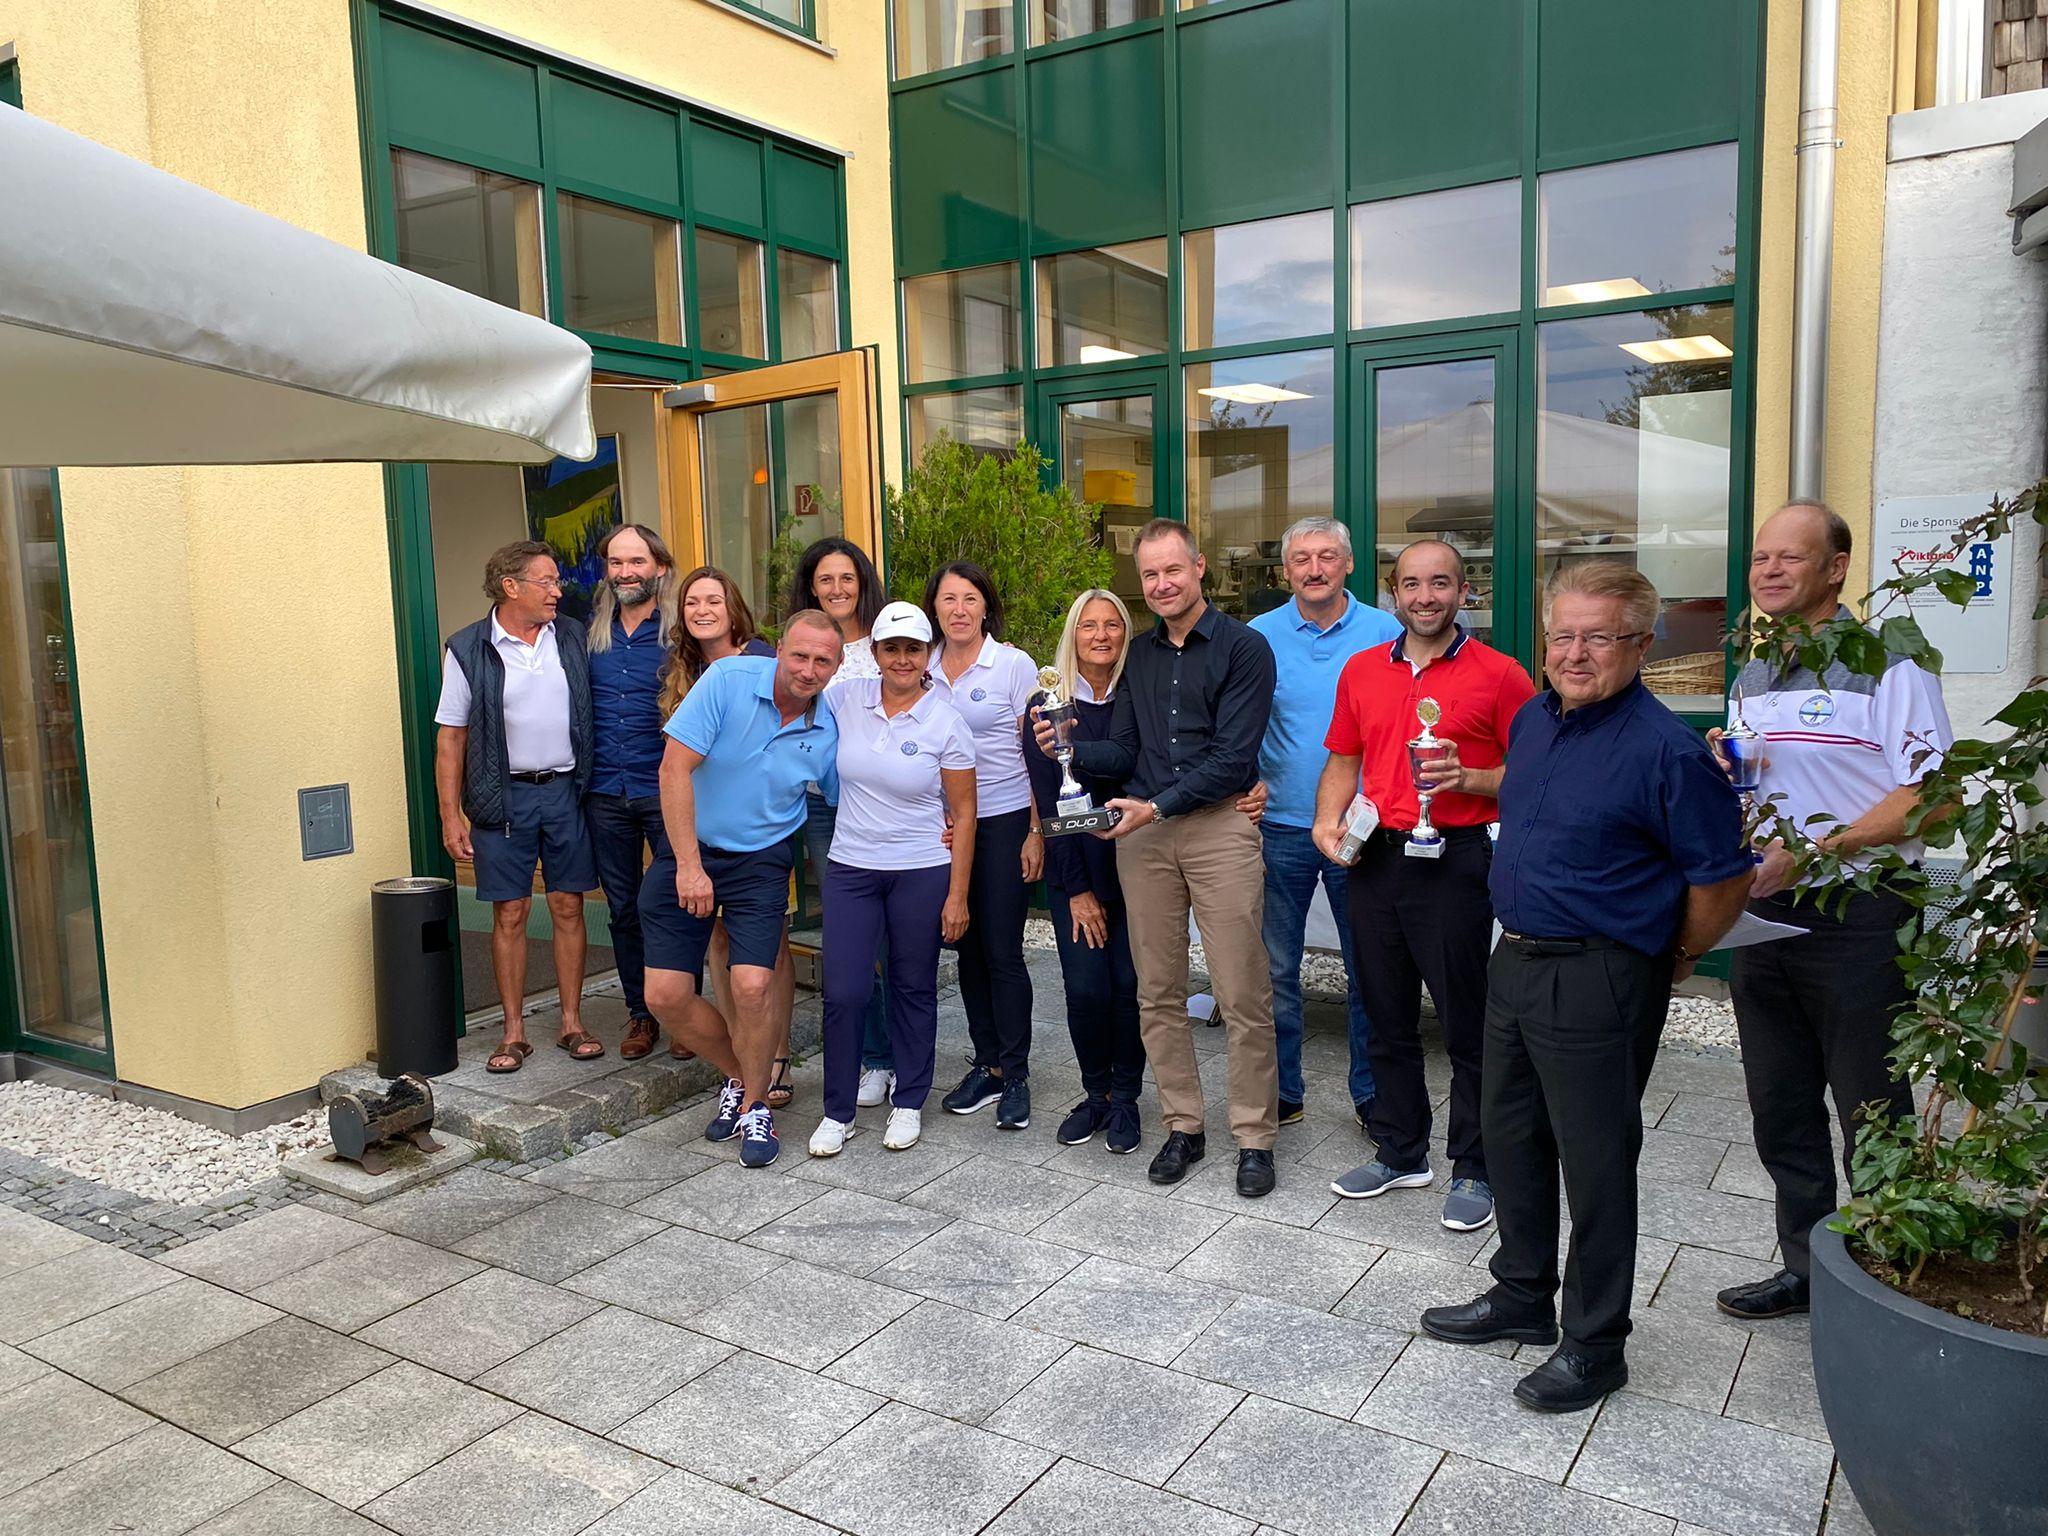 Erfolgreiches Euregio-Finale des Golfclub Schloßberg